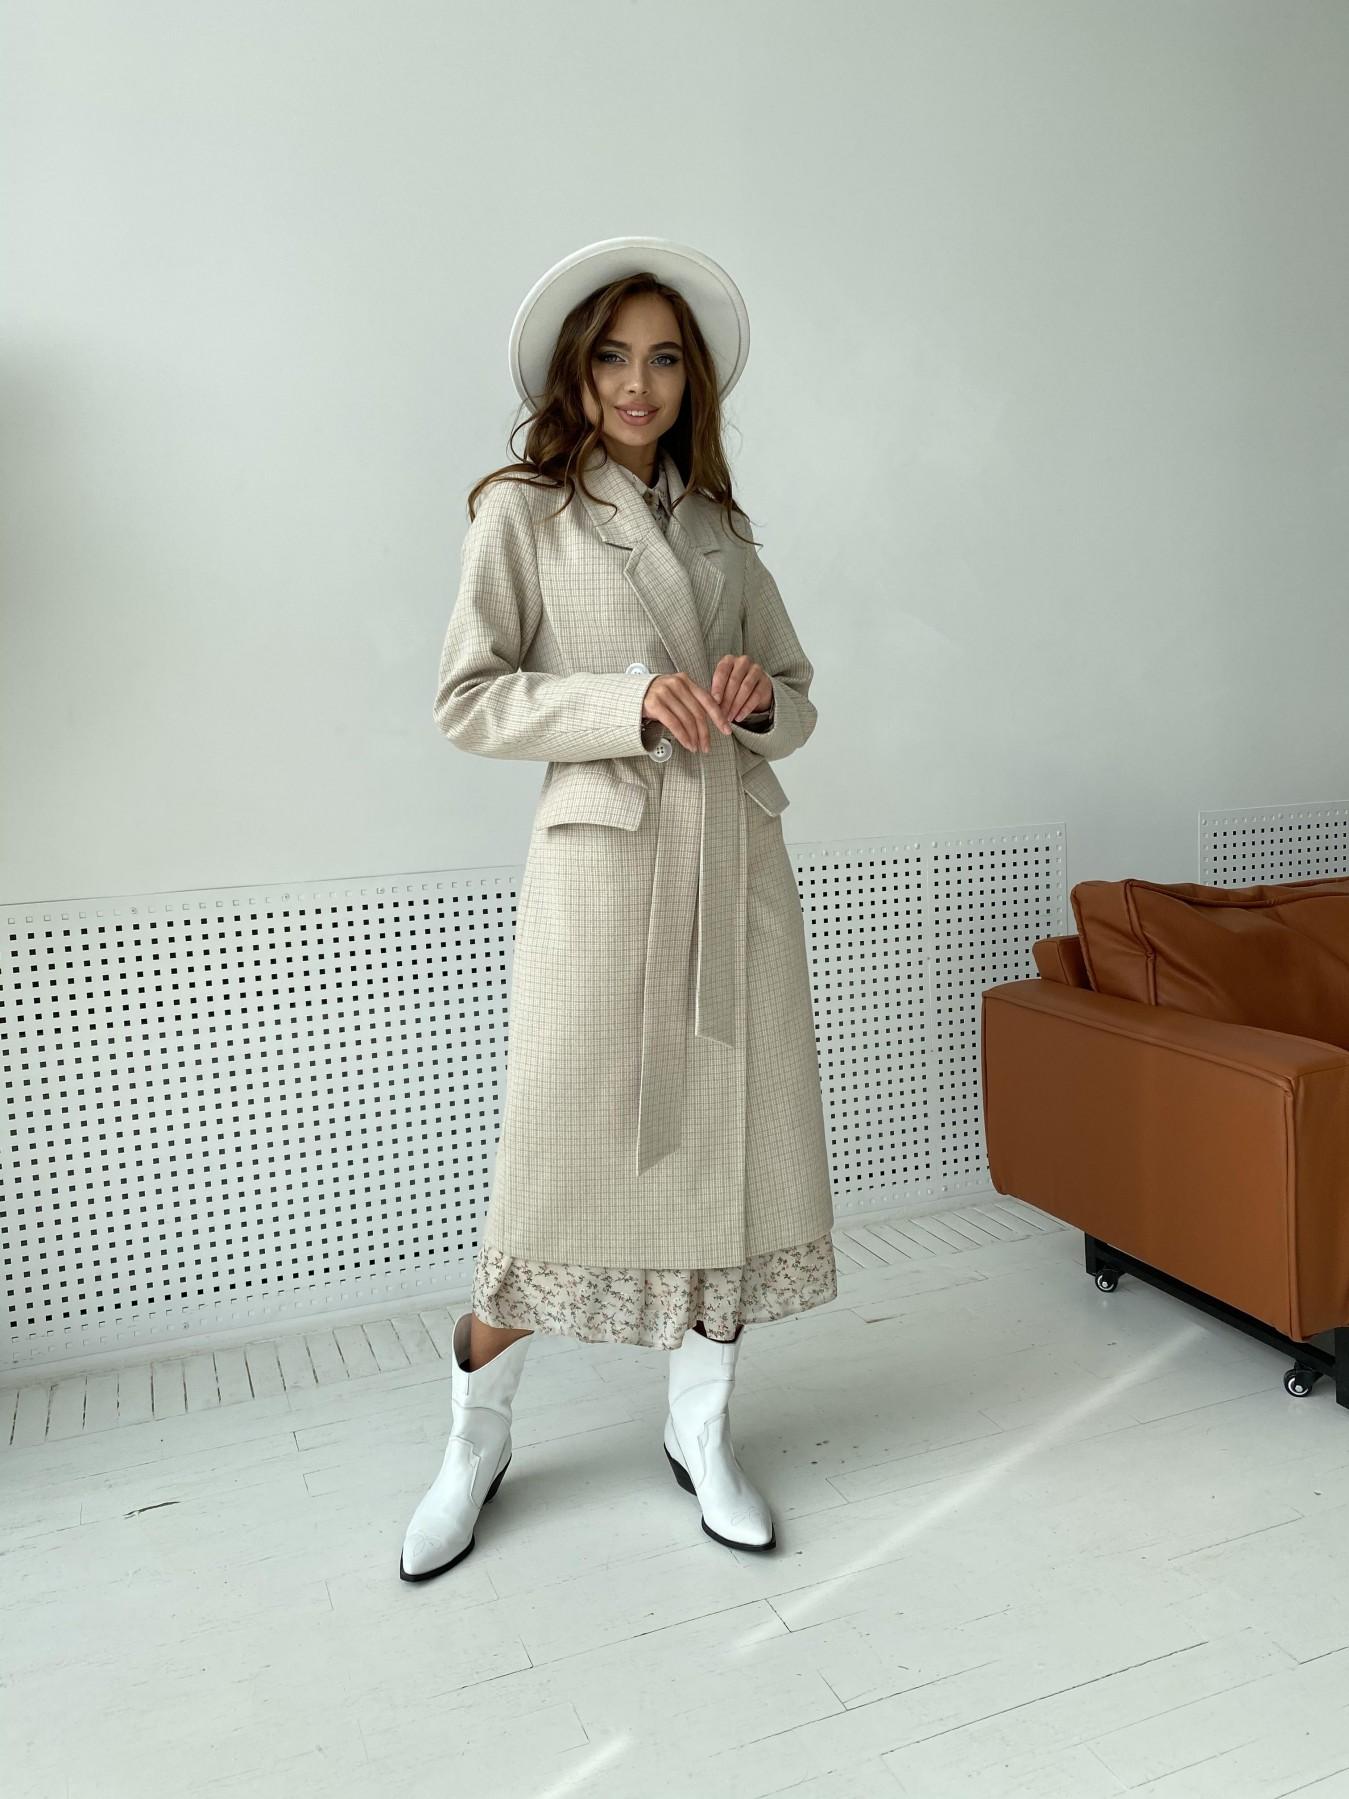 Статус пальто из тонкого кашемира в клетку 11780 АРТ. 48520 Цвет: Бежевый/молоко/КлетМел - фото 6, интернет магазин tm-modus.ru